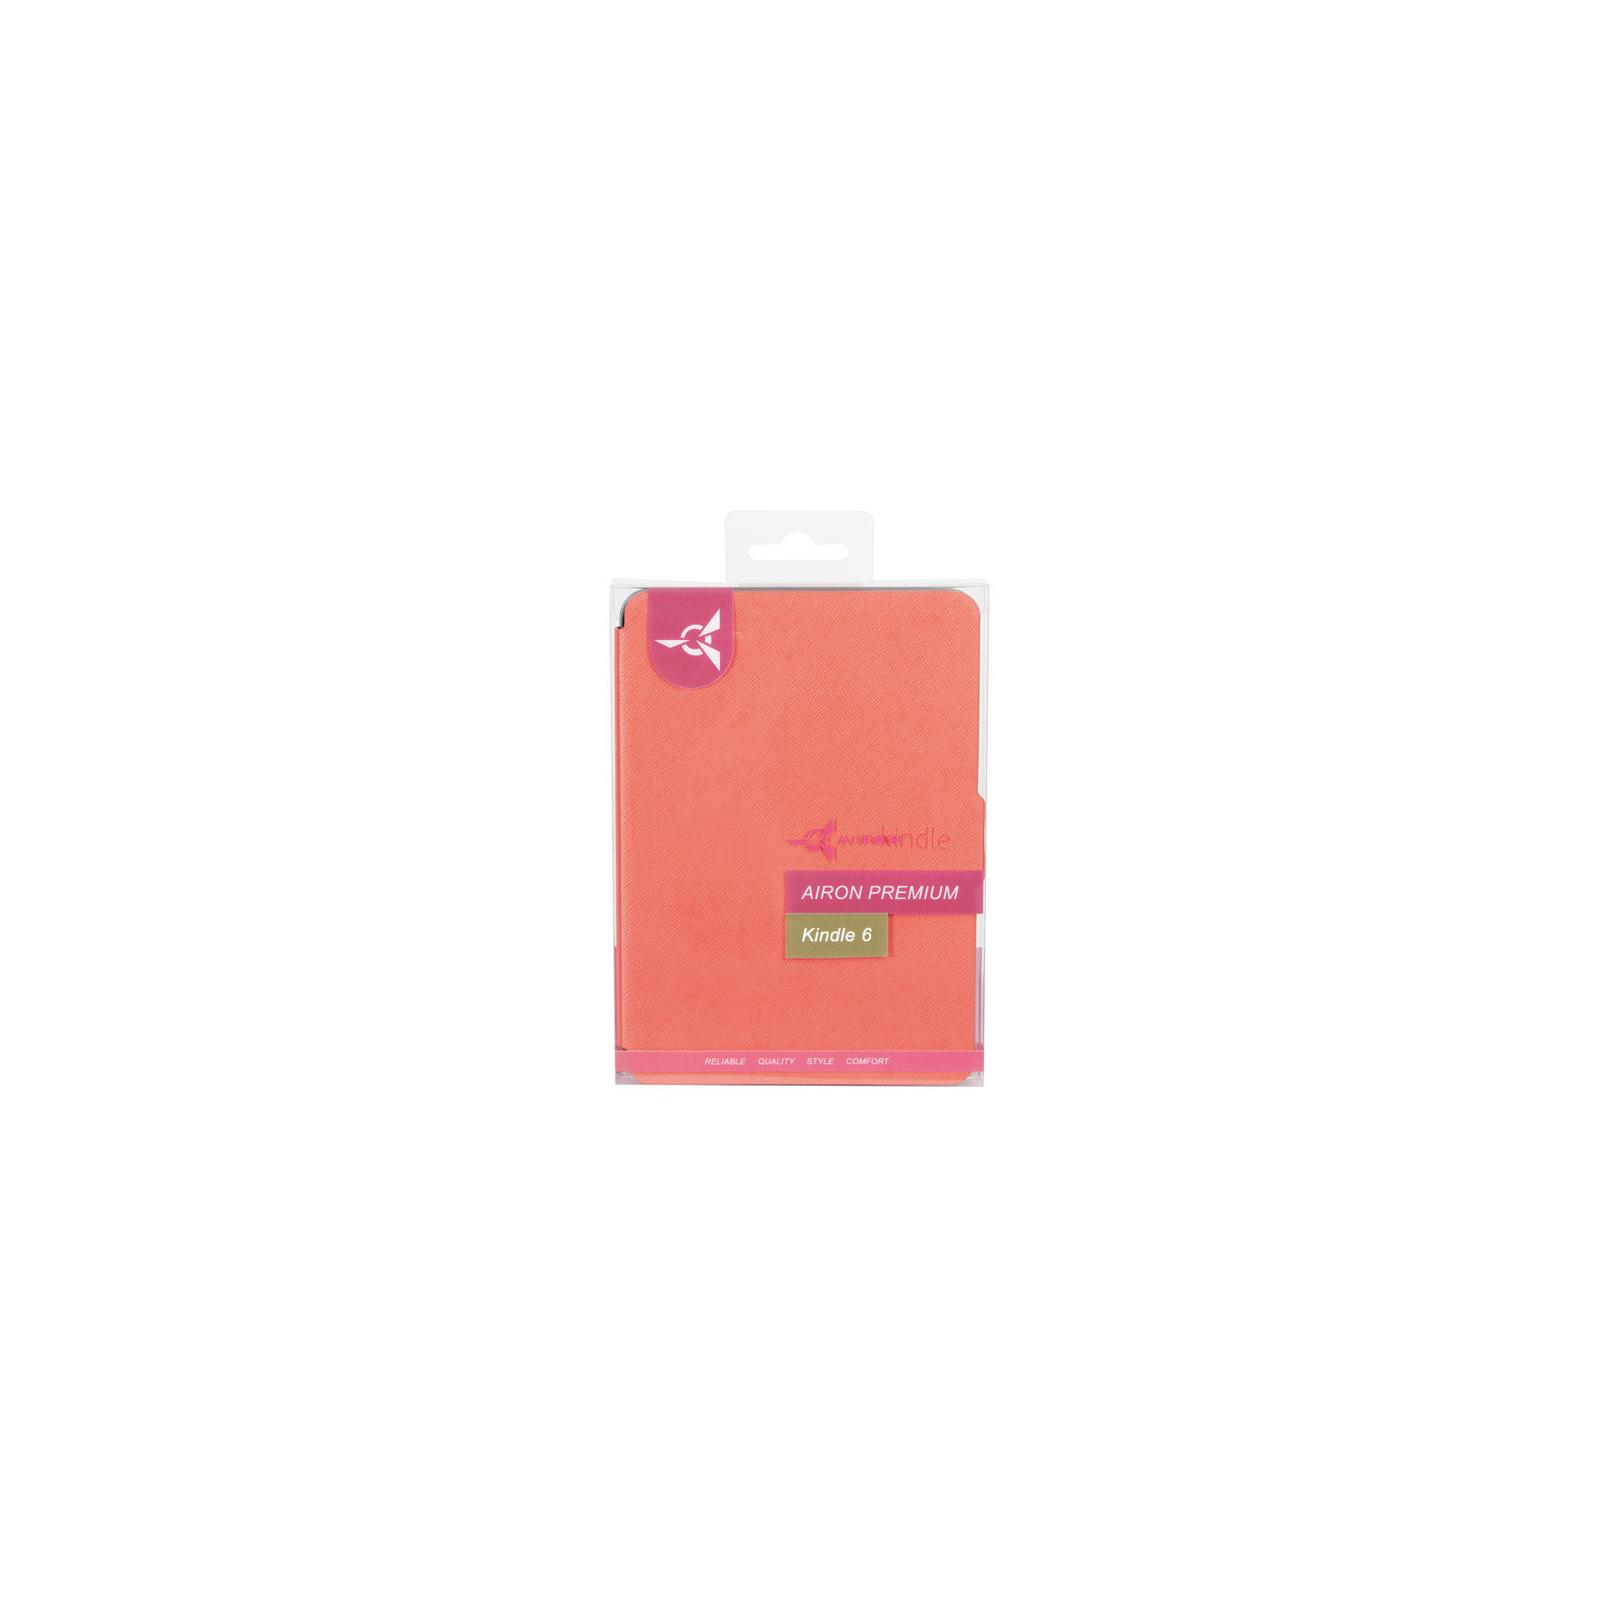 Чехол для электронной книги AirOn для Amazon Kindle 6 orange (4822356754498) изображение 6